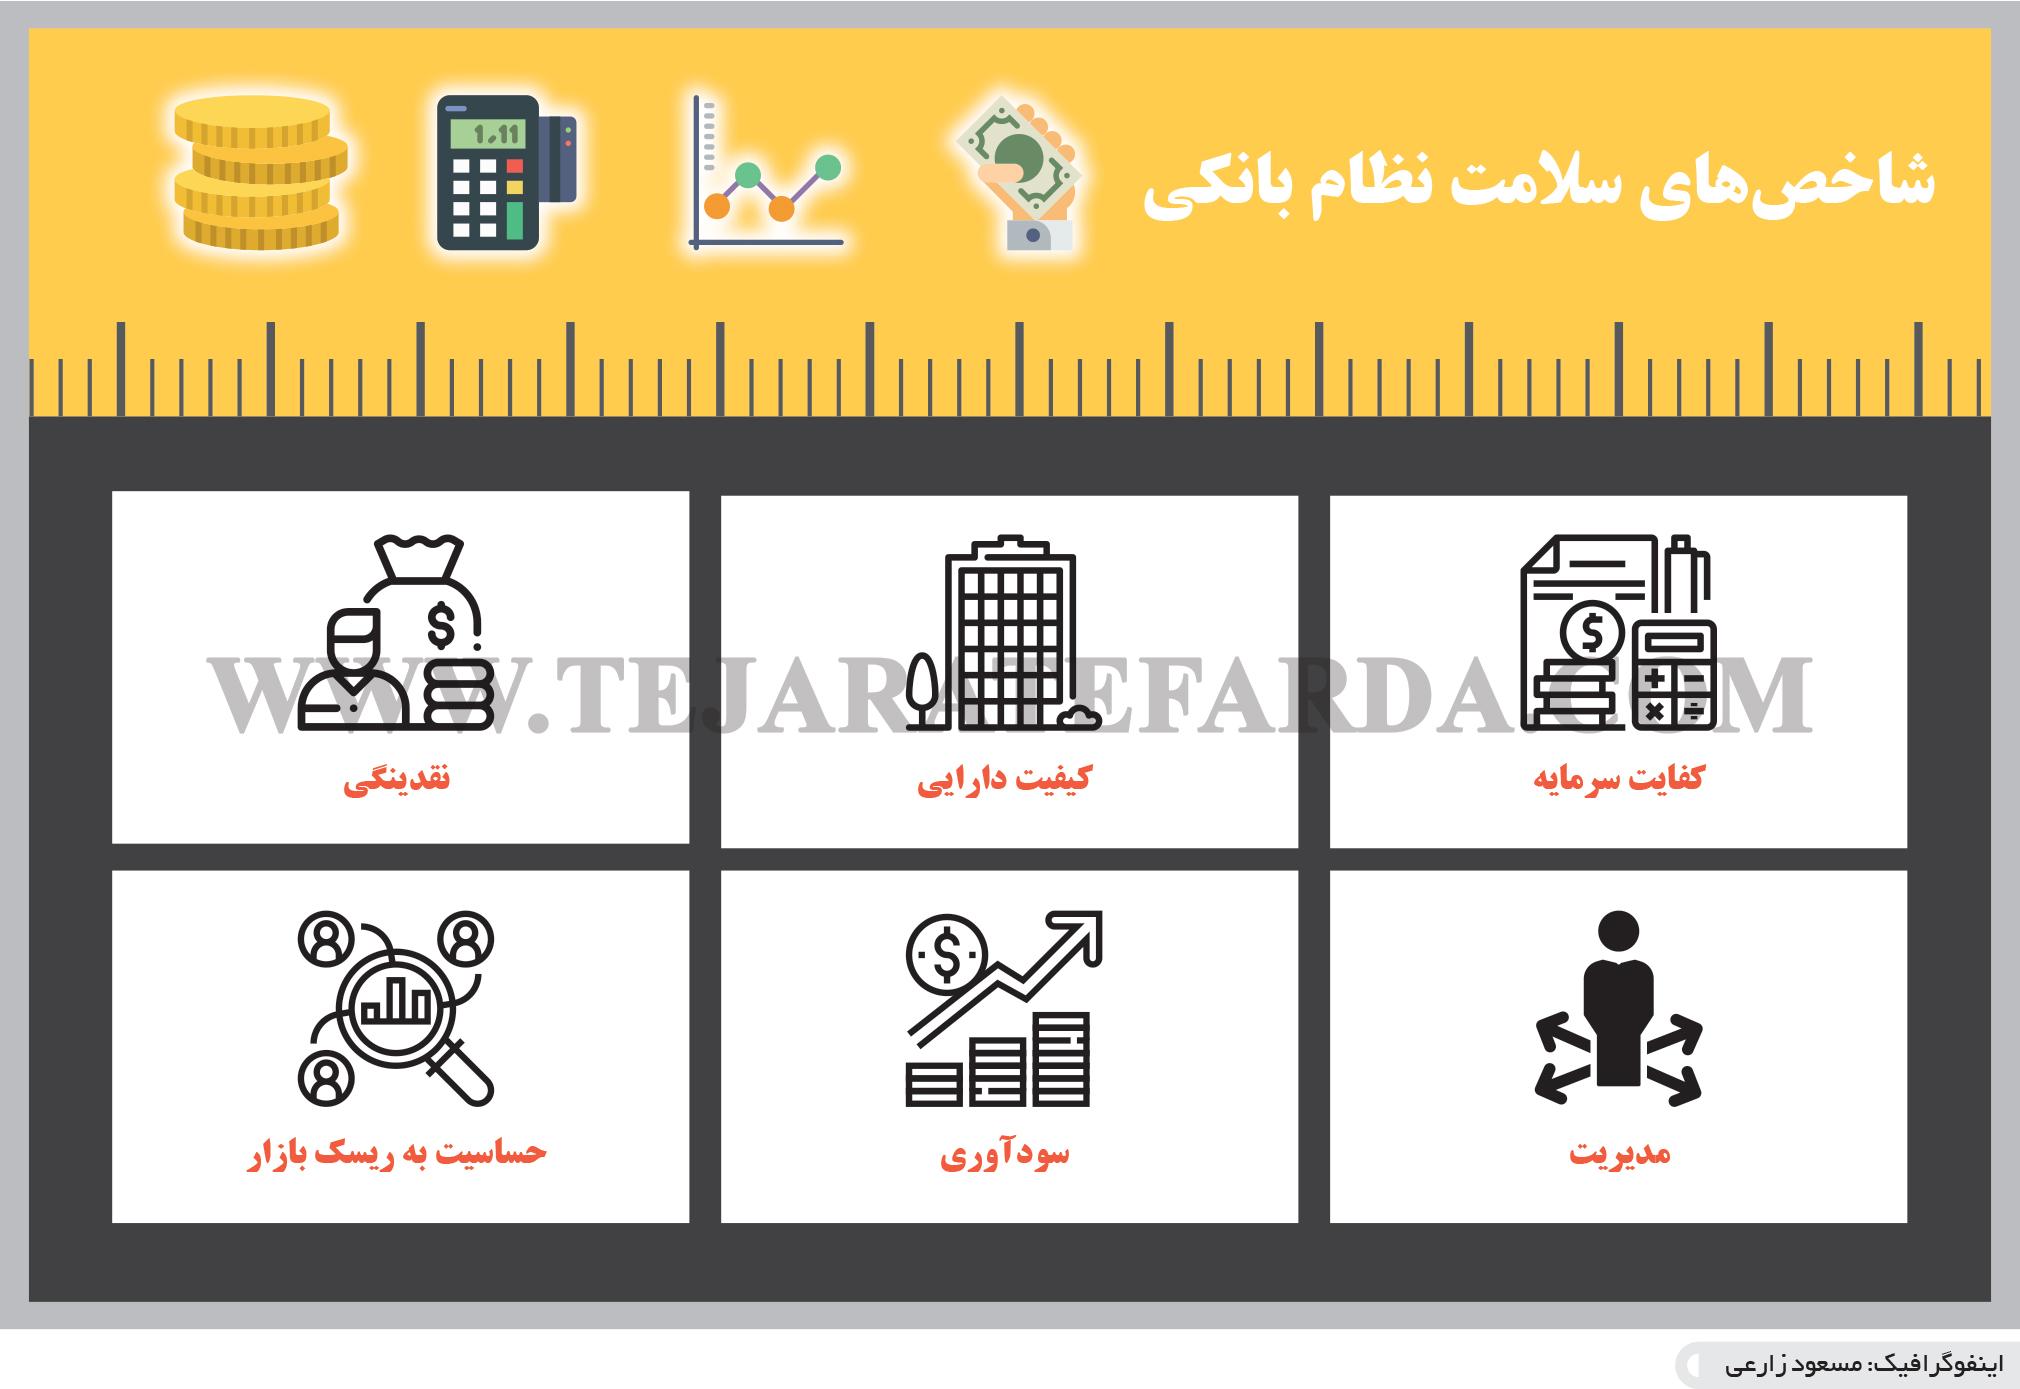 تجارت فردا- اینفوگرافیک- شاخصهای سلامت نظام بانکی